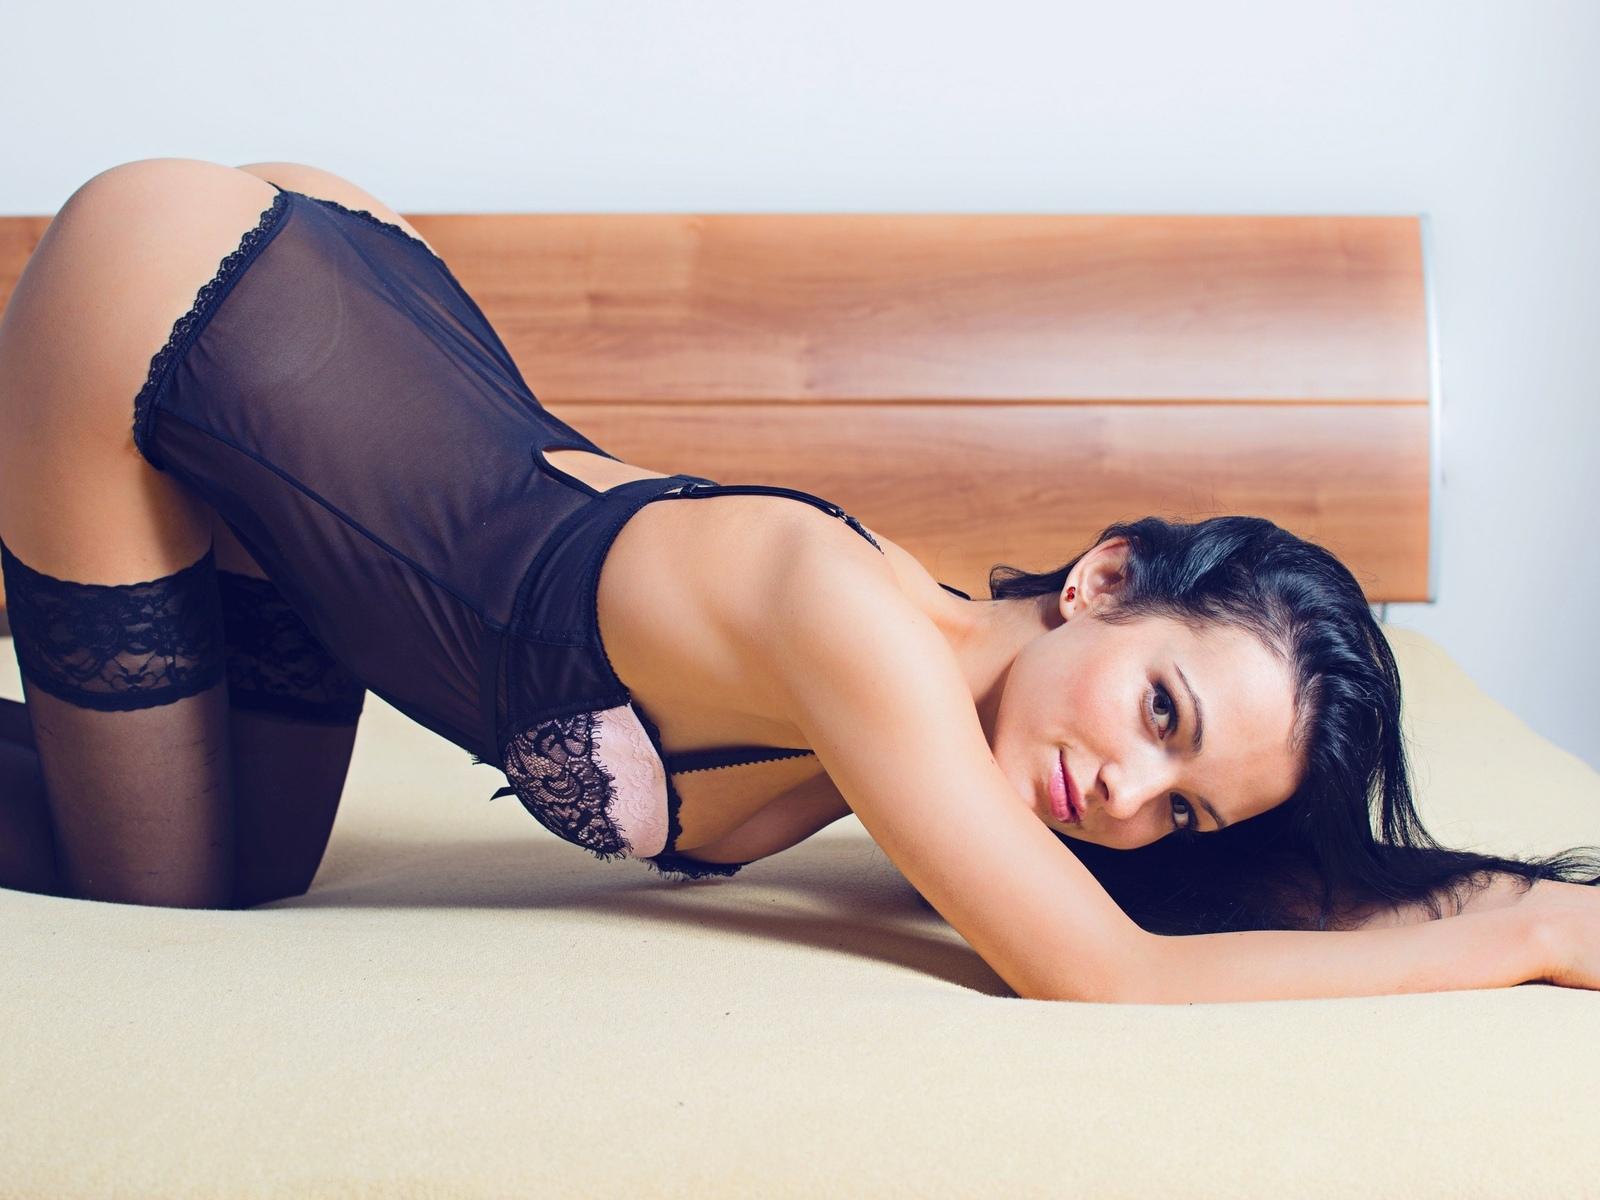 sapphira, young, эротическая модель, сексуальная красотка, позирует, кровать, улыбка, белье, сетка, тело, чулки, эротика